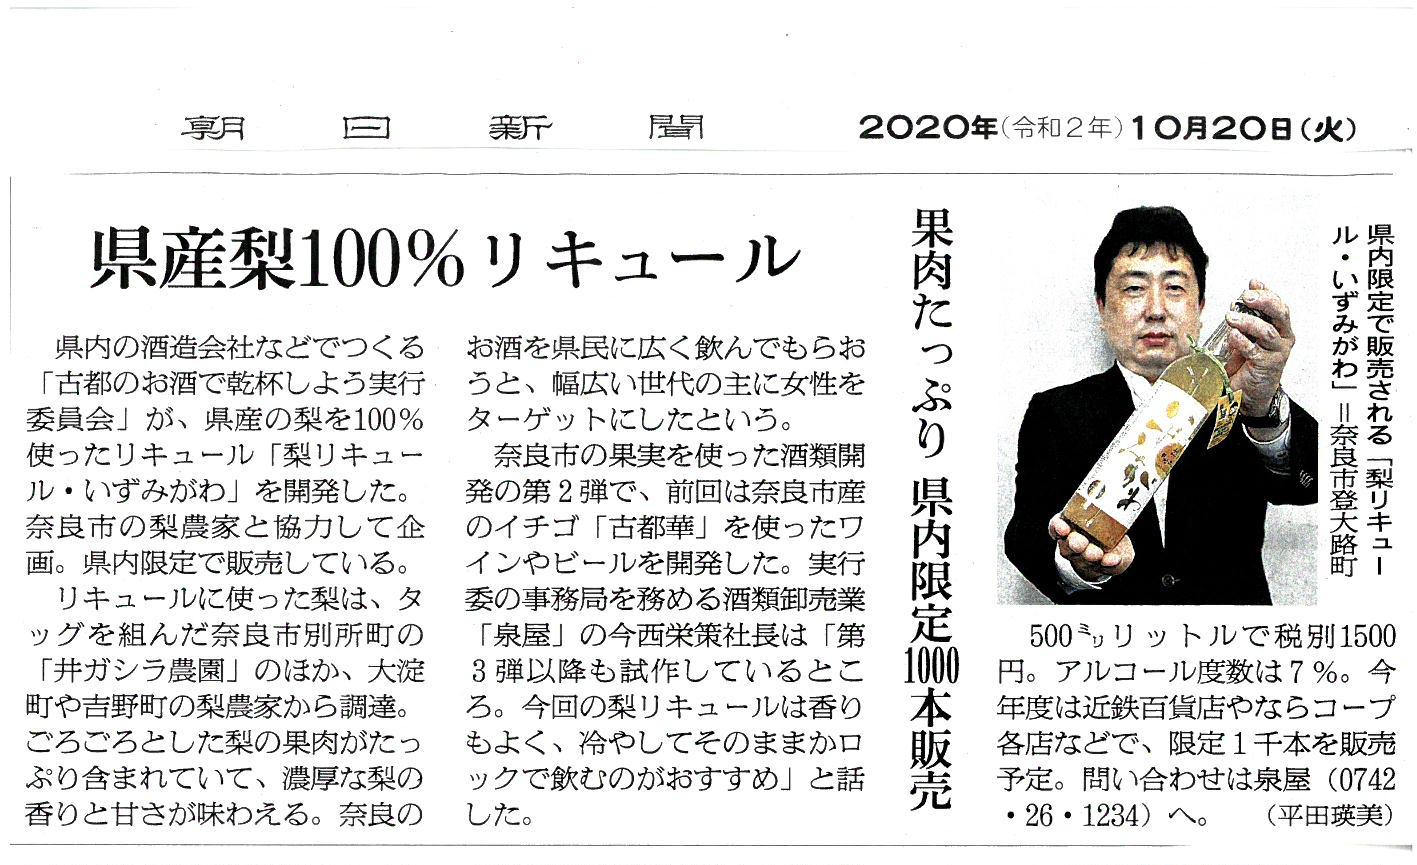 朝日新聞で梨リキュールいずみがわが紹介されました!